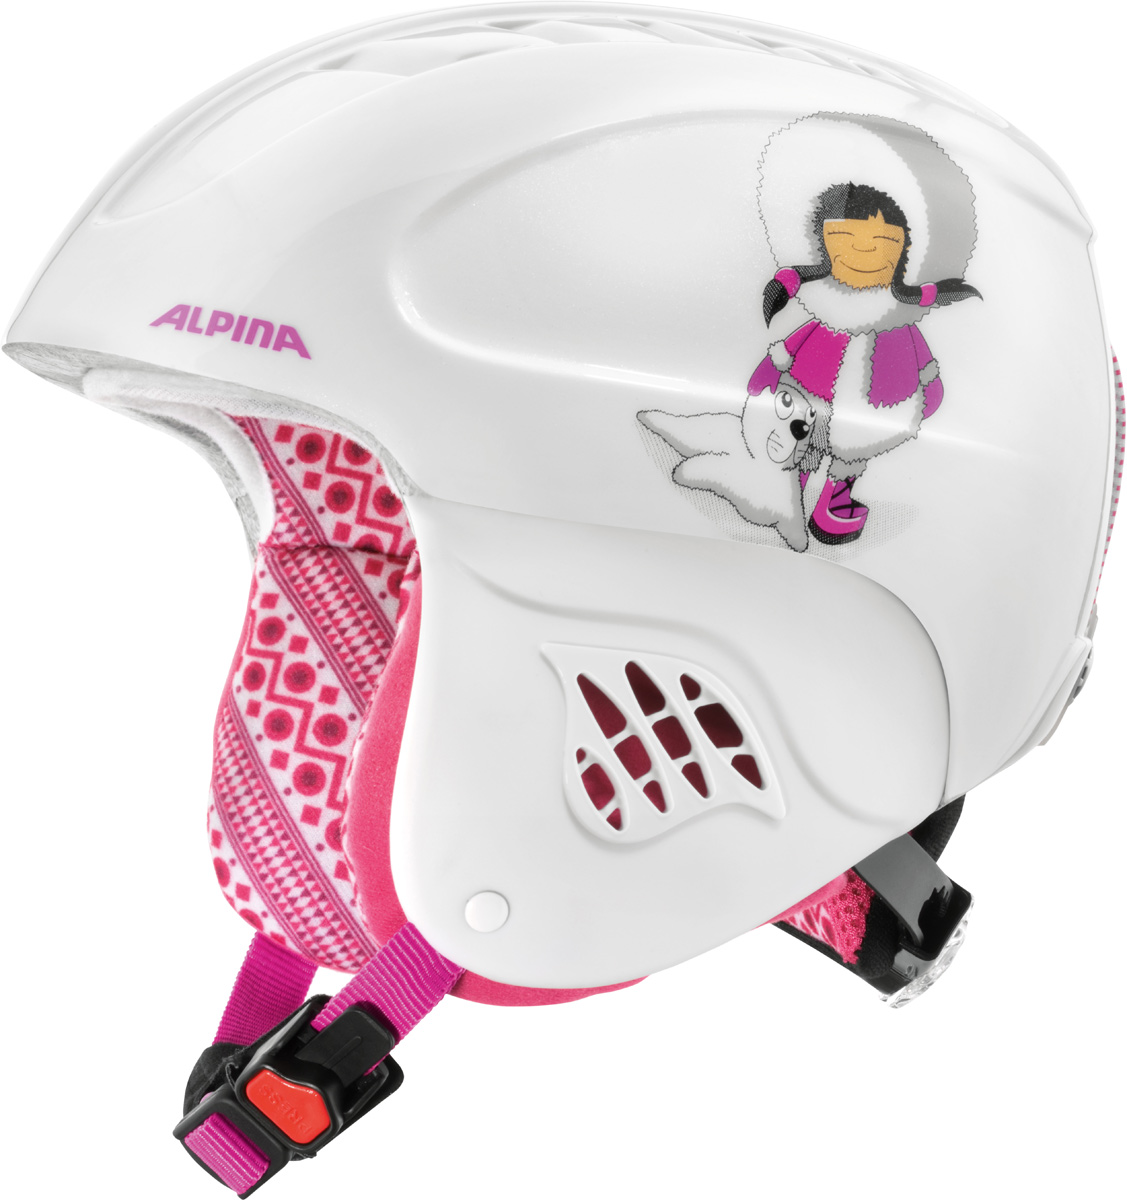 Шлем горнолыжный детский Alpina Carat, цвет: белый, розовый. A9035_27. Размер 48-52A9035_27Дети считают, что главное это внешний вид. У родителей защита в приоритете. Эта модель идеально удовлетворяет требованиям обоих поколений. Модель с глянцевым покрытием.(Модели с буквами L.E. в названии имеют матовое покрытие. Модели без пометки - глянцевое покрытие.) Технологии:INMOLD TEC – технология соединения внутренней и внешней части шлема при помощи высокой температуры. Данный метод делает соединение исключительно прочным, а сам шлем легким. Такой метод соединения гораздо надежнее и безопаснее обычного склеивания.CERAMIC – особая технология производства внешней оболочки шлема. Используются легковесные материалы экстремально прочные и устойчивые к царапинам. Возможно использование при сильном УФ изучении, так же поверхность имеет антистатическое покрытие.RUN SYSTEM – простая система настройки шлема, позволяющая добиться надежной фиксации.CHANGEABLE INTERIOR – съемная внутренняя часть. Допускается стирка в теплой мыльной воде.NECKWARMER – дополнительное утепление шеи. Изготовлено из мягкого флиса.VENTING SYSTEM – особые вентиляционные отверстия для отведения излишнего тепла и поддержания оптимальной температуры